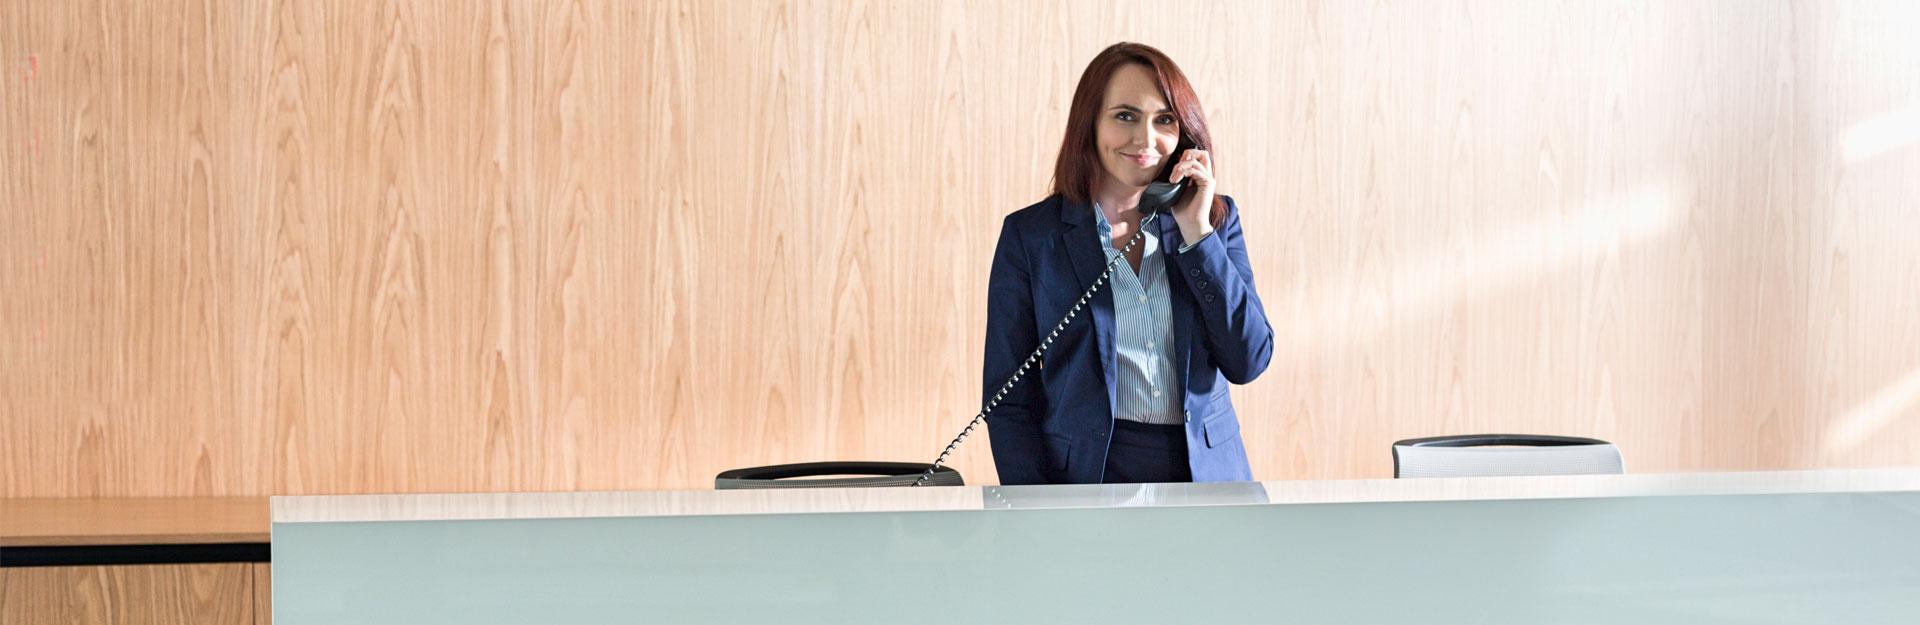 Una recepcionista posa sonriente mientras contesta una llamada de teléfono.